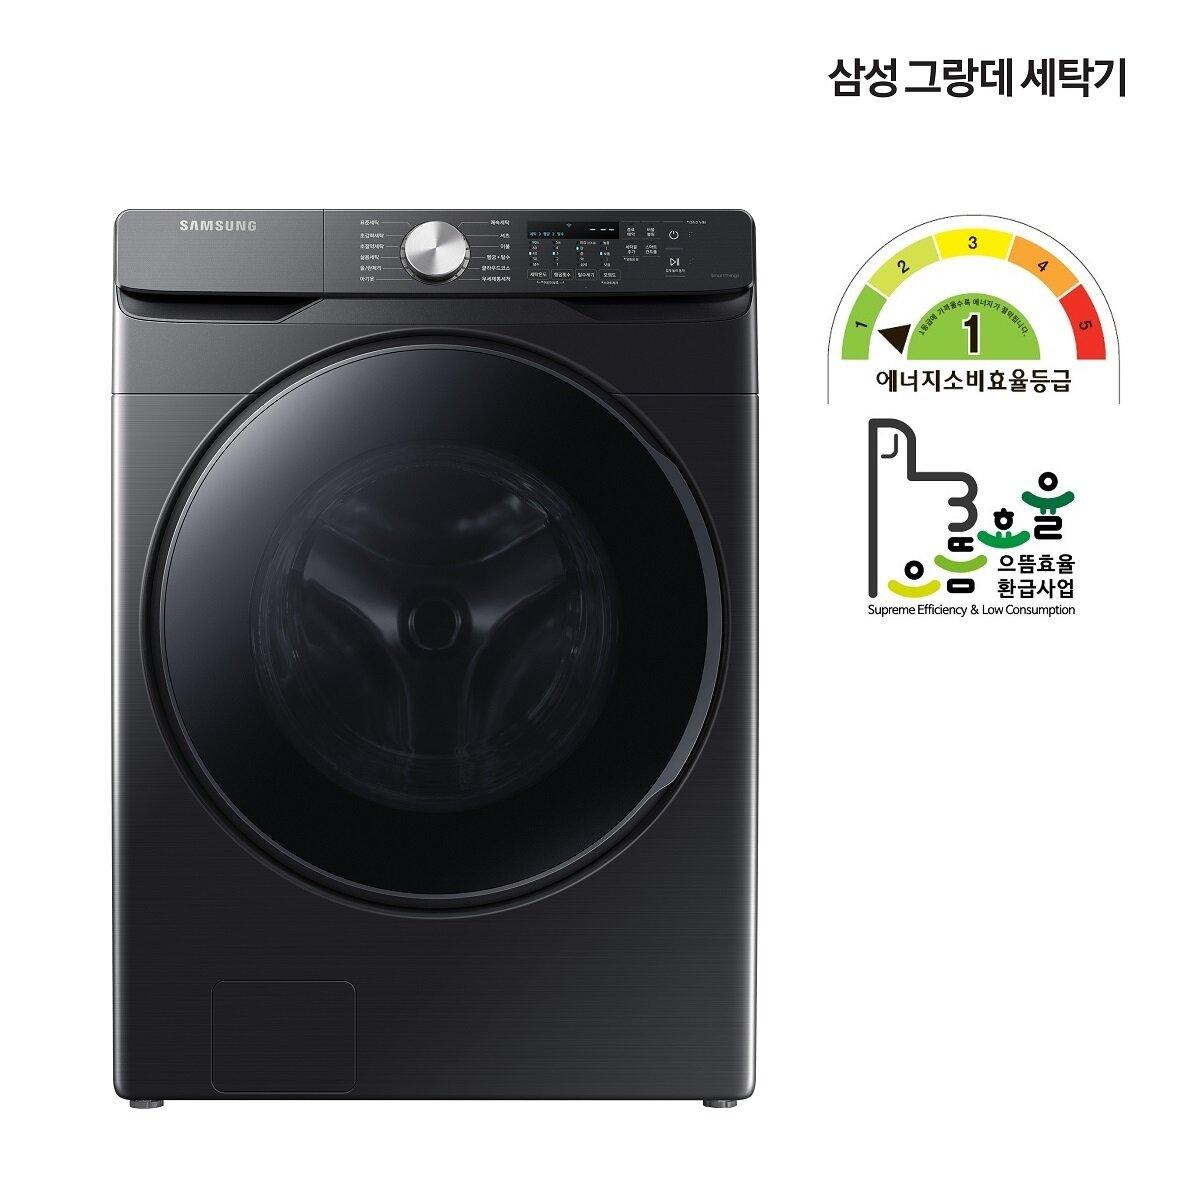 [신세계TV쇼핑]삼성 그랑데 드럼세탁기 WF23T8000KV (23kg / 블랙 케비어 / 1등급)